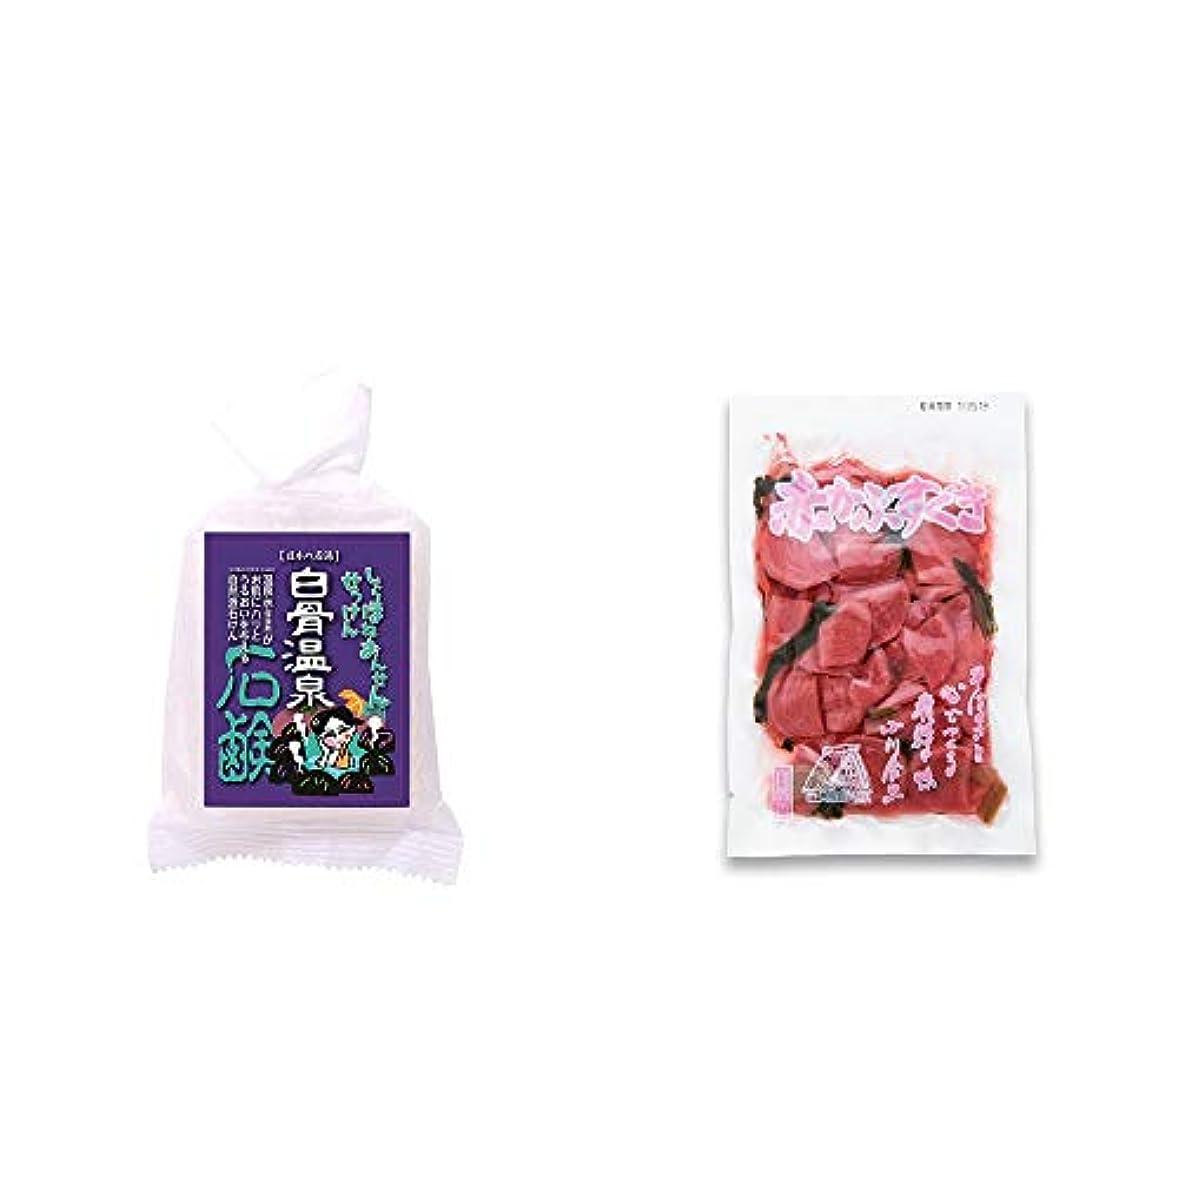 ノートマーガレットミッチェル外国人[2点セット] 信州 白骨温泉石鹸(80g)?赤かぶすぐき(160g)